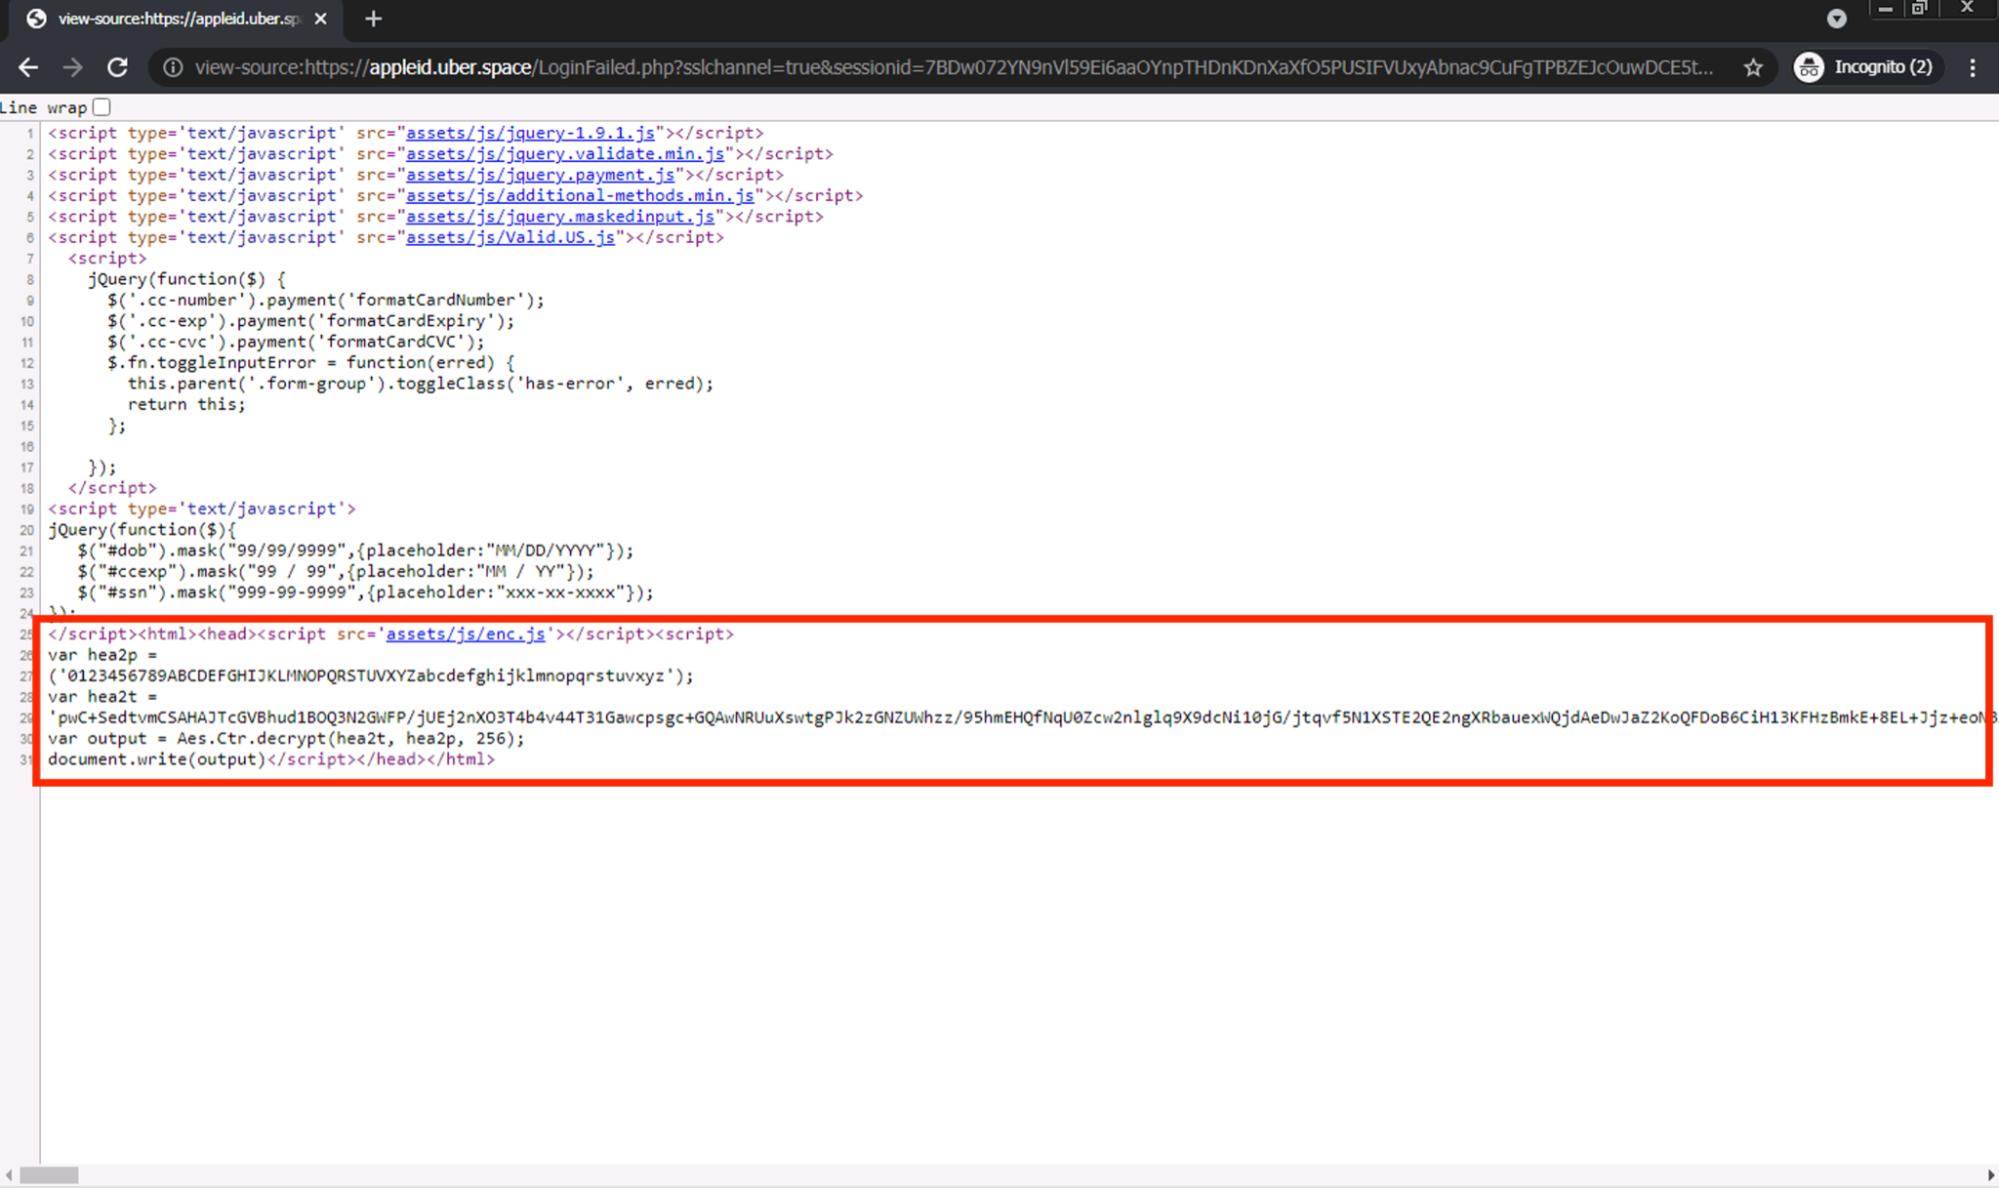 このページのソースコードを調査したところ、ページのコンテンツのほとんどがHTML本文には直接存在しないことがわかりました。図に示すように、かわりにHTMLソースの一番下に大きなscriptタグがあります。これは、今回取り上げたJavaScriptを使ったフィッシング手法の一例です。